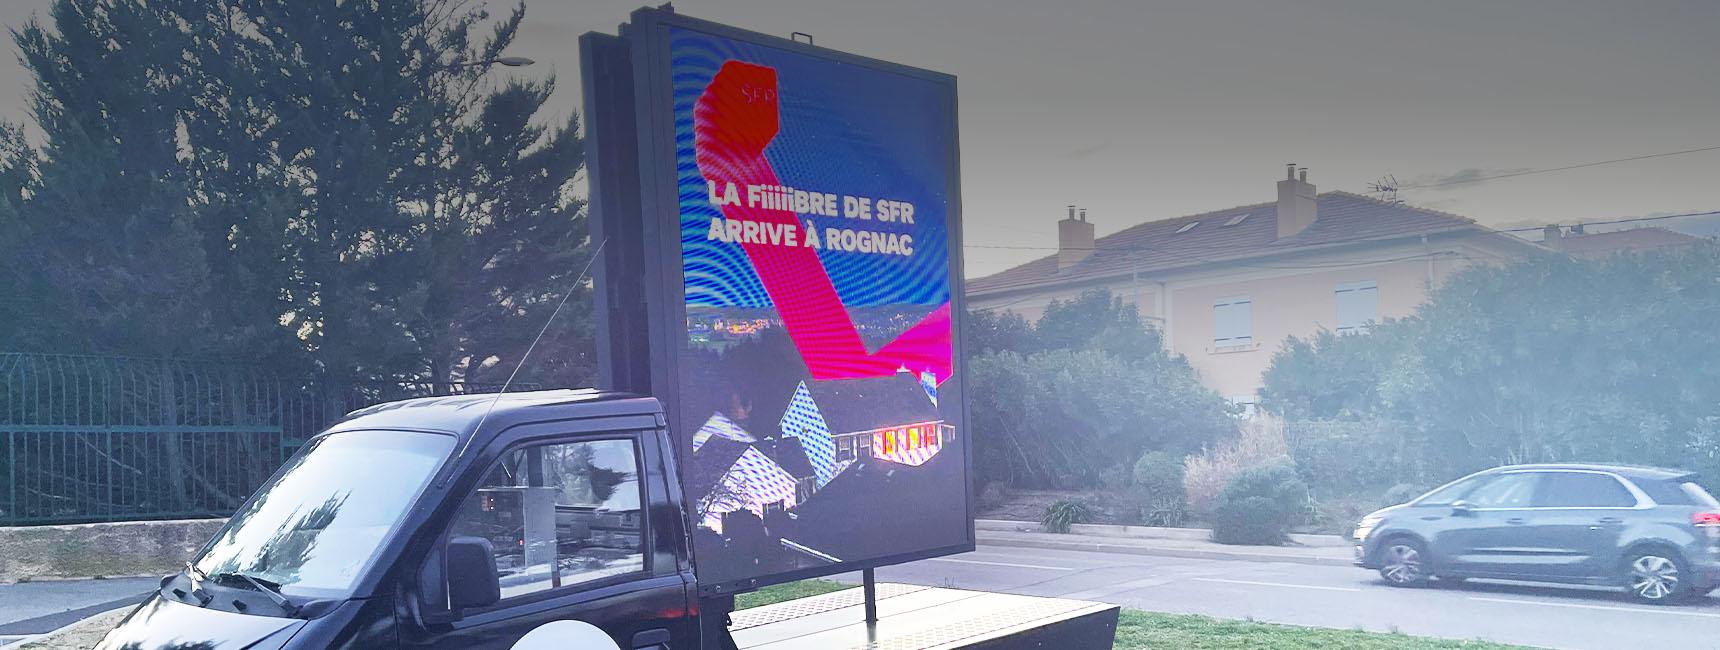 SFR Affi'led lancement fibre - Keemia Marseille agence de Marketing en région PACA